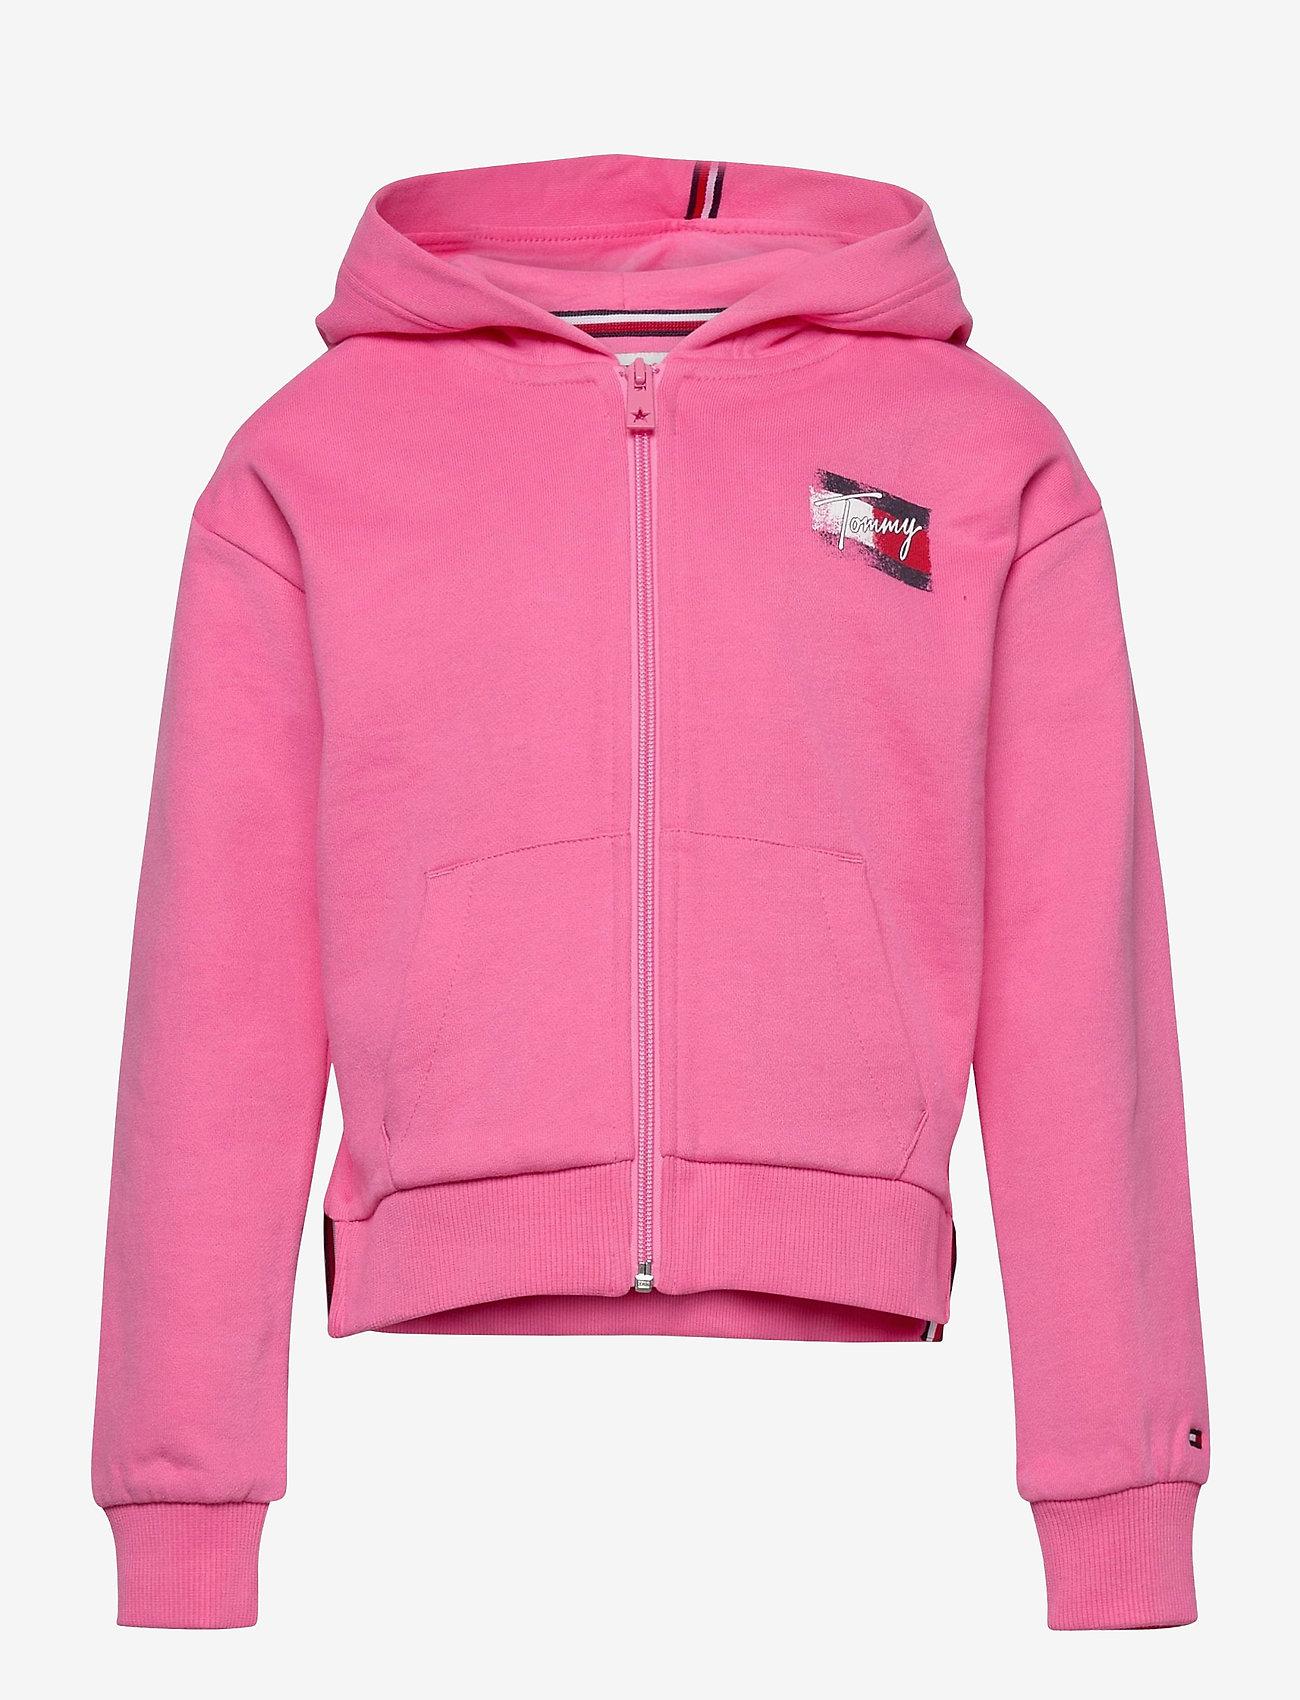 Tommy Hilfiger - FLAG PRINT ZIP HOODIE - sweatshirts & hoodies - exotic pink - 0